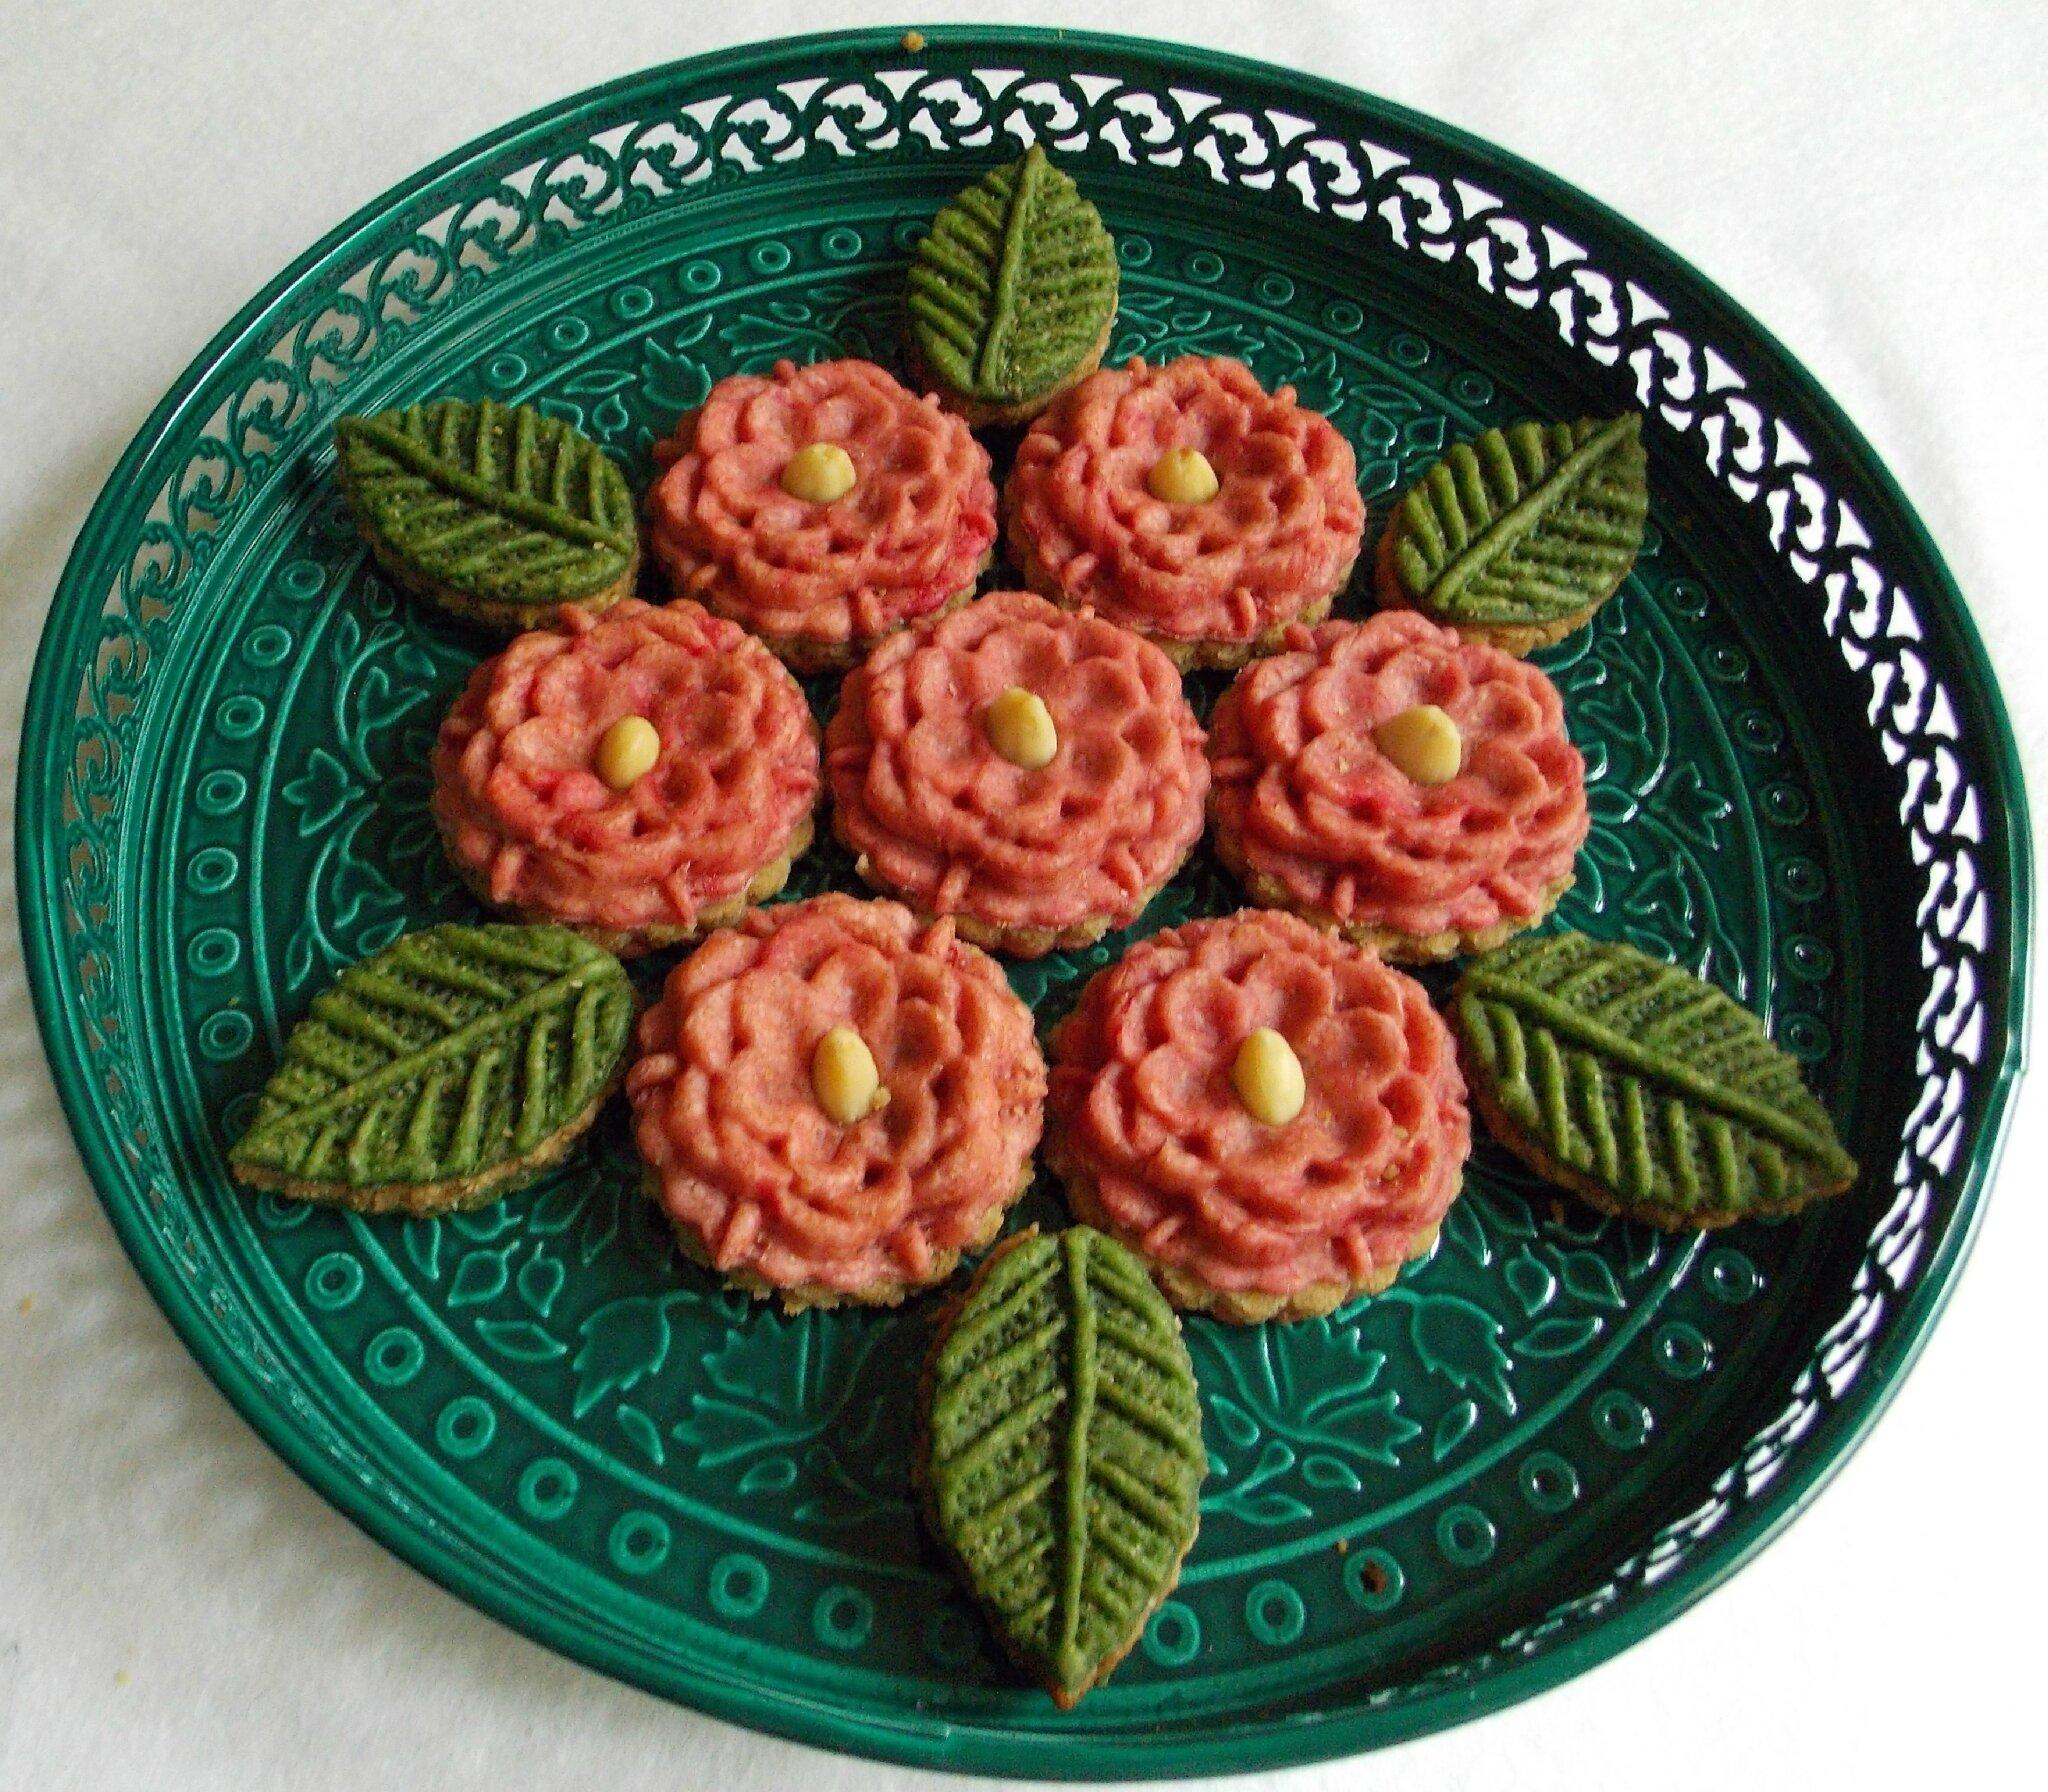 Bouquet de m'chkla fleurs & feuilles